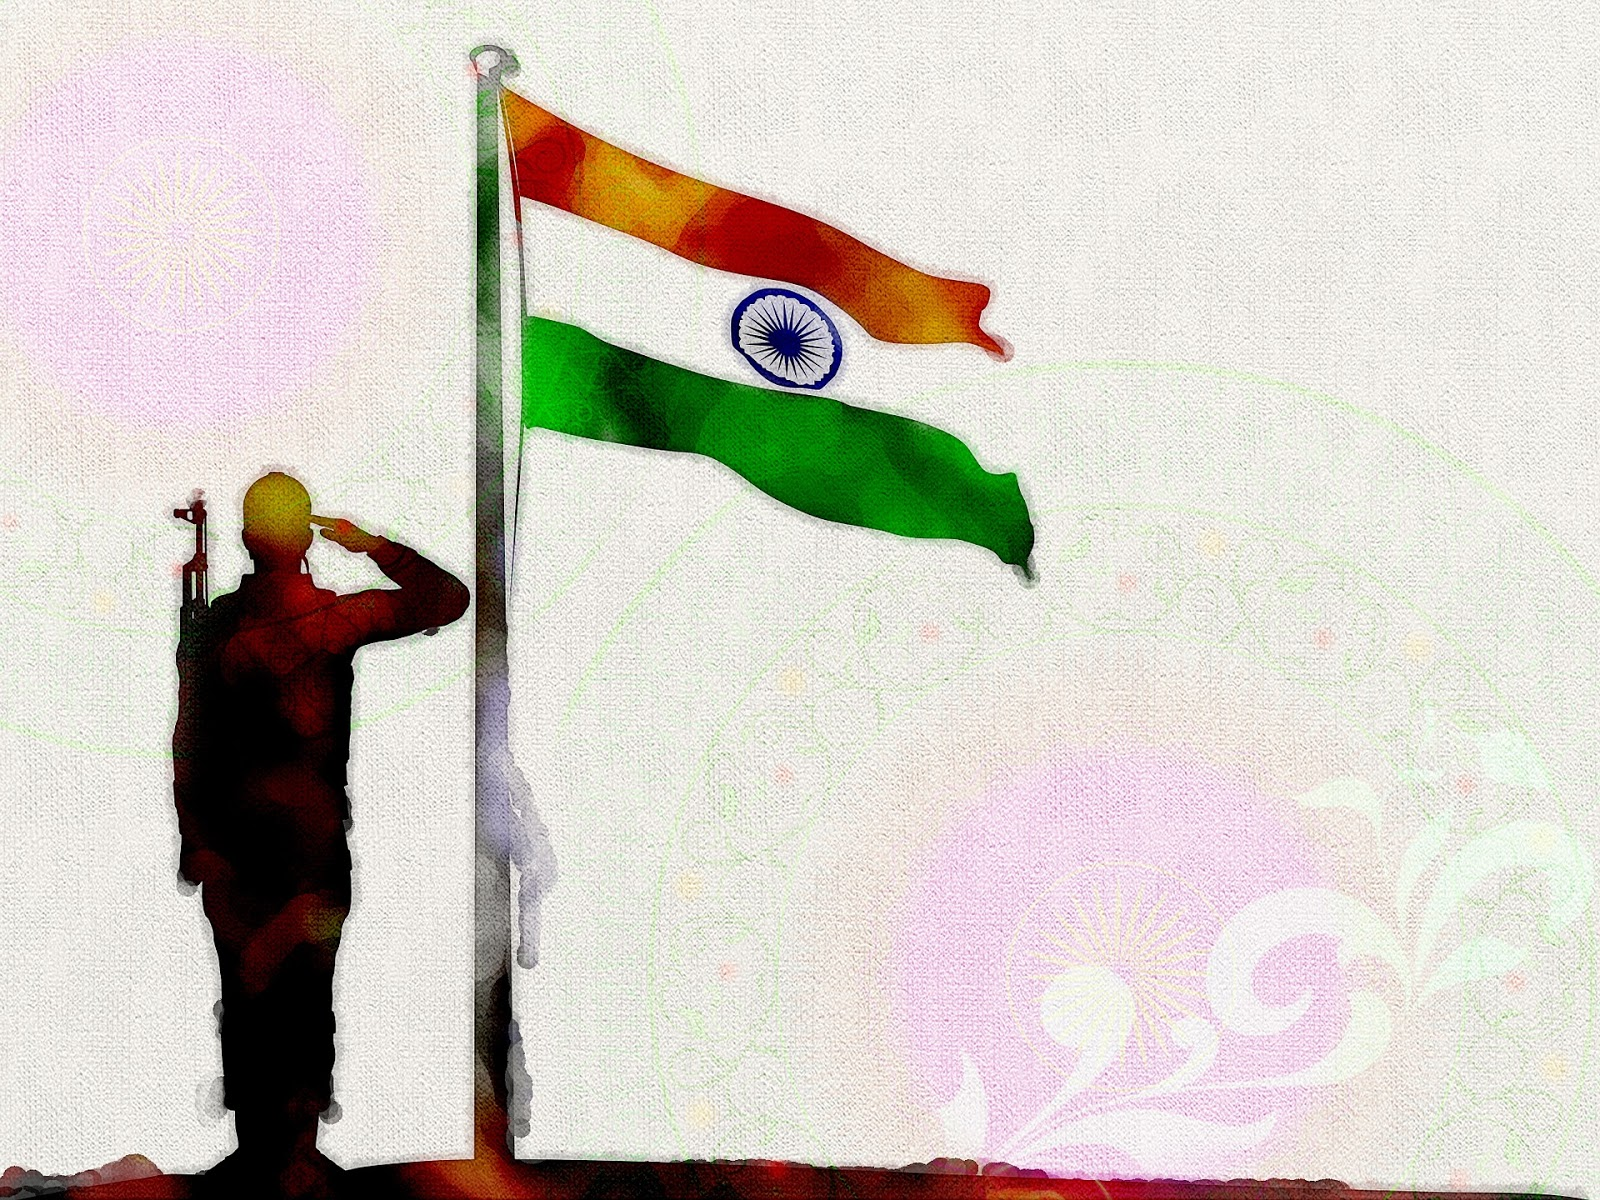 ಒಮ್ಮೆಯಾದರೂ ಅವಮಾನ ಆಗಲೇಬೇಕು : Kannada Motivational Article